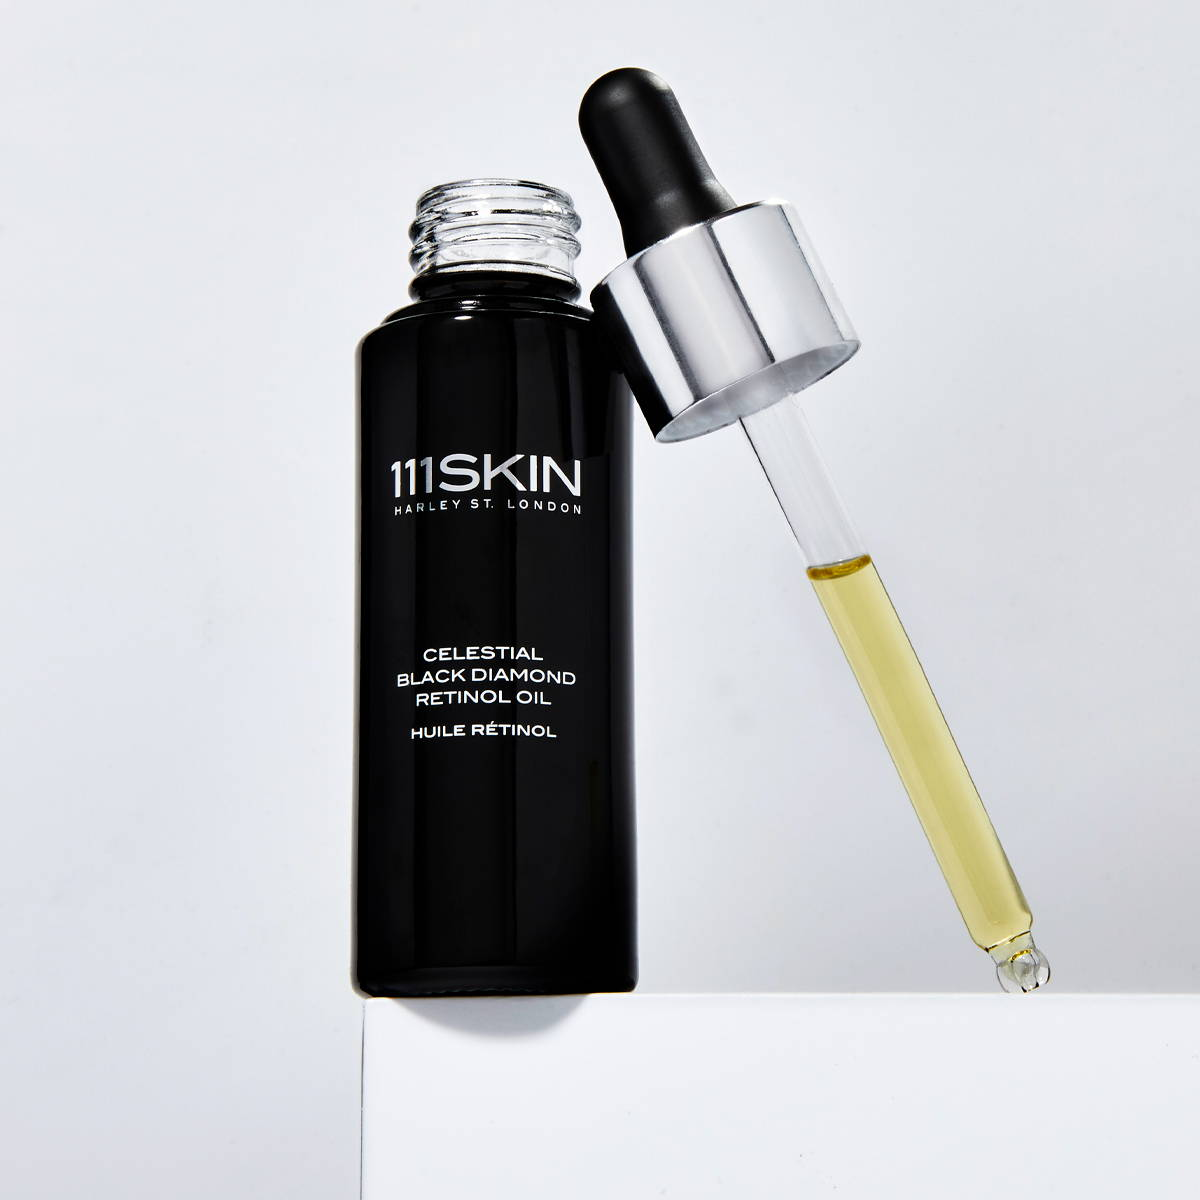 Retinol Oil